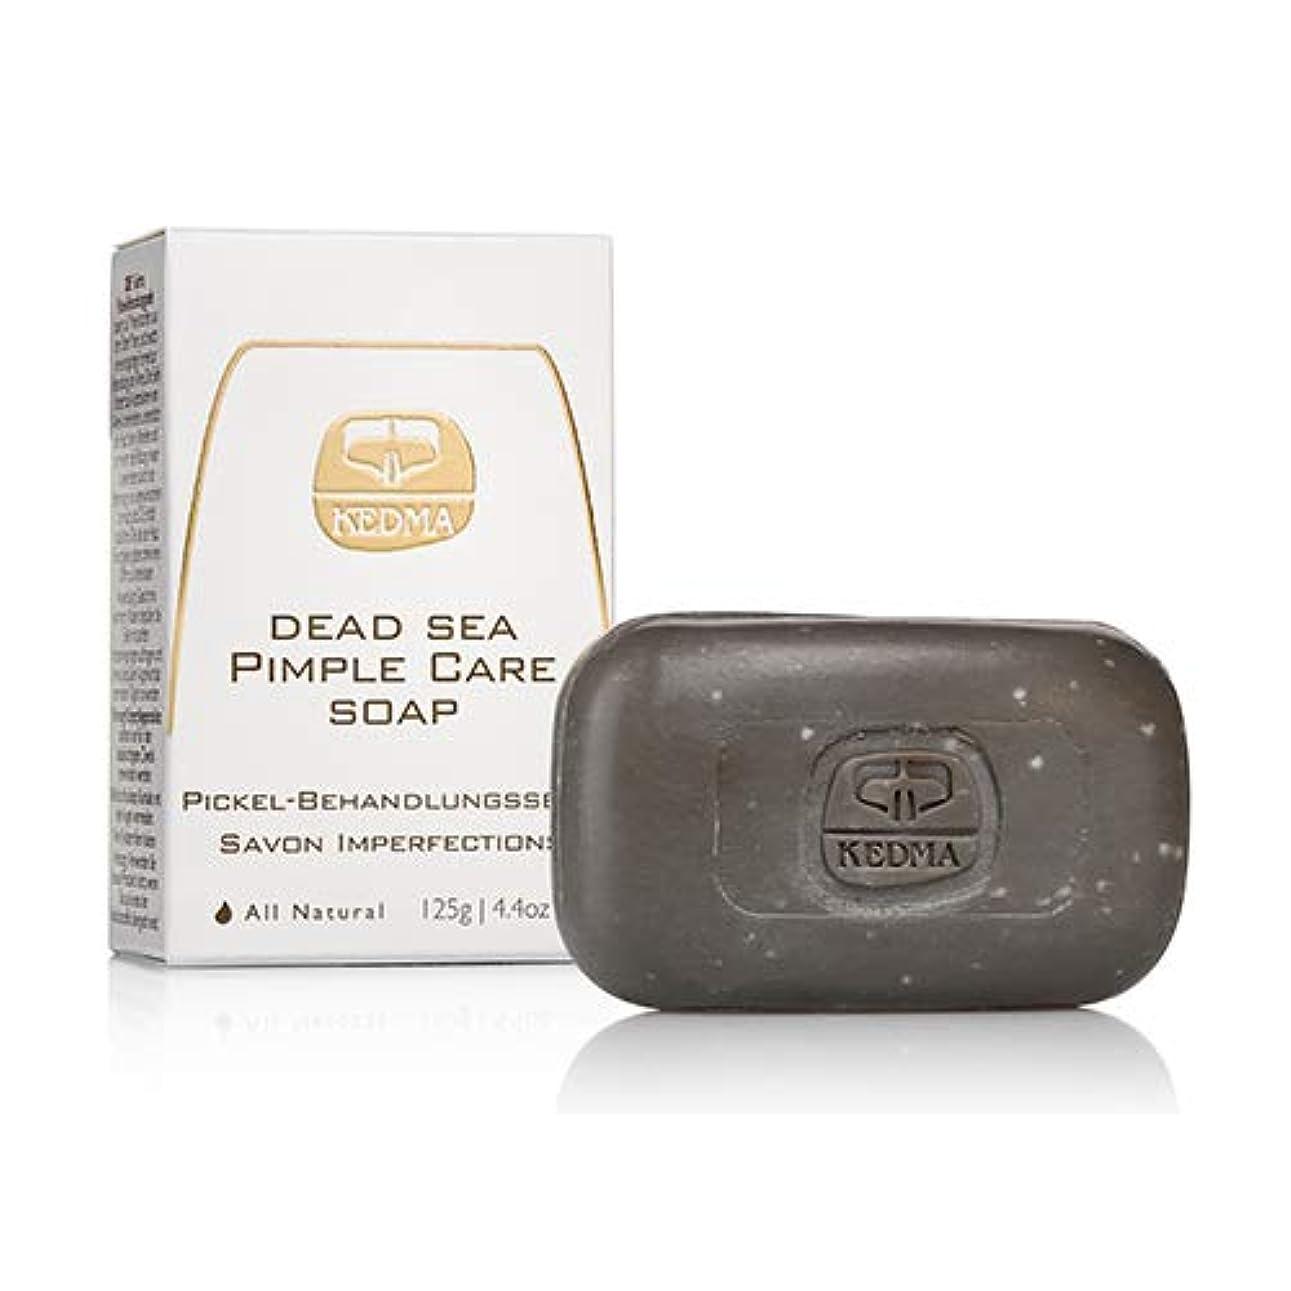 関与する男らしい判決【日本初上陸/正規代理店】KEDMA死海のミネラル石鹸 死海ピンプルケアソープ 125g